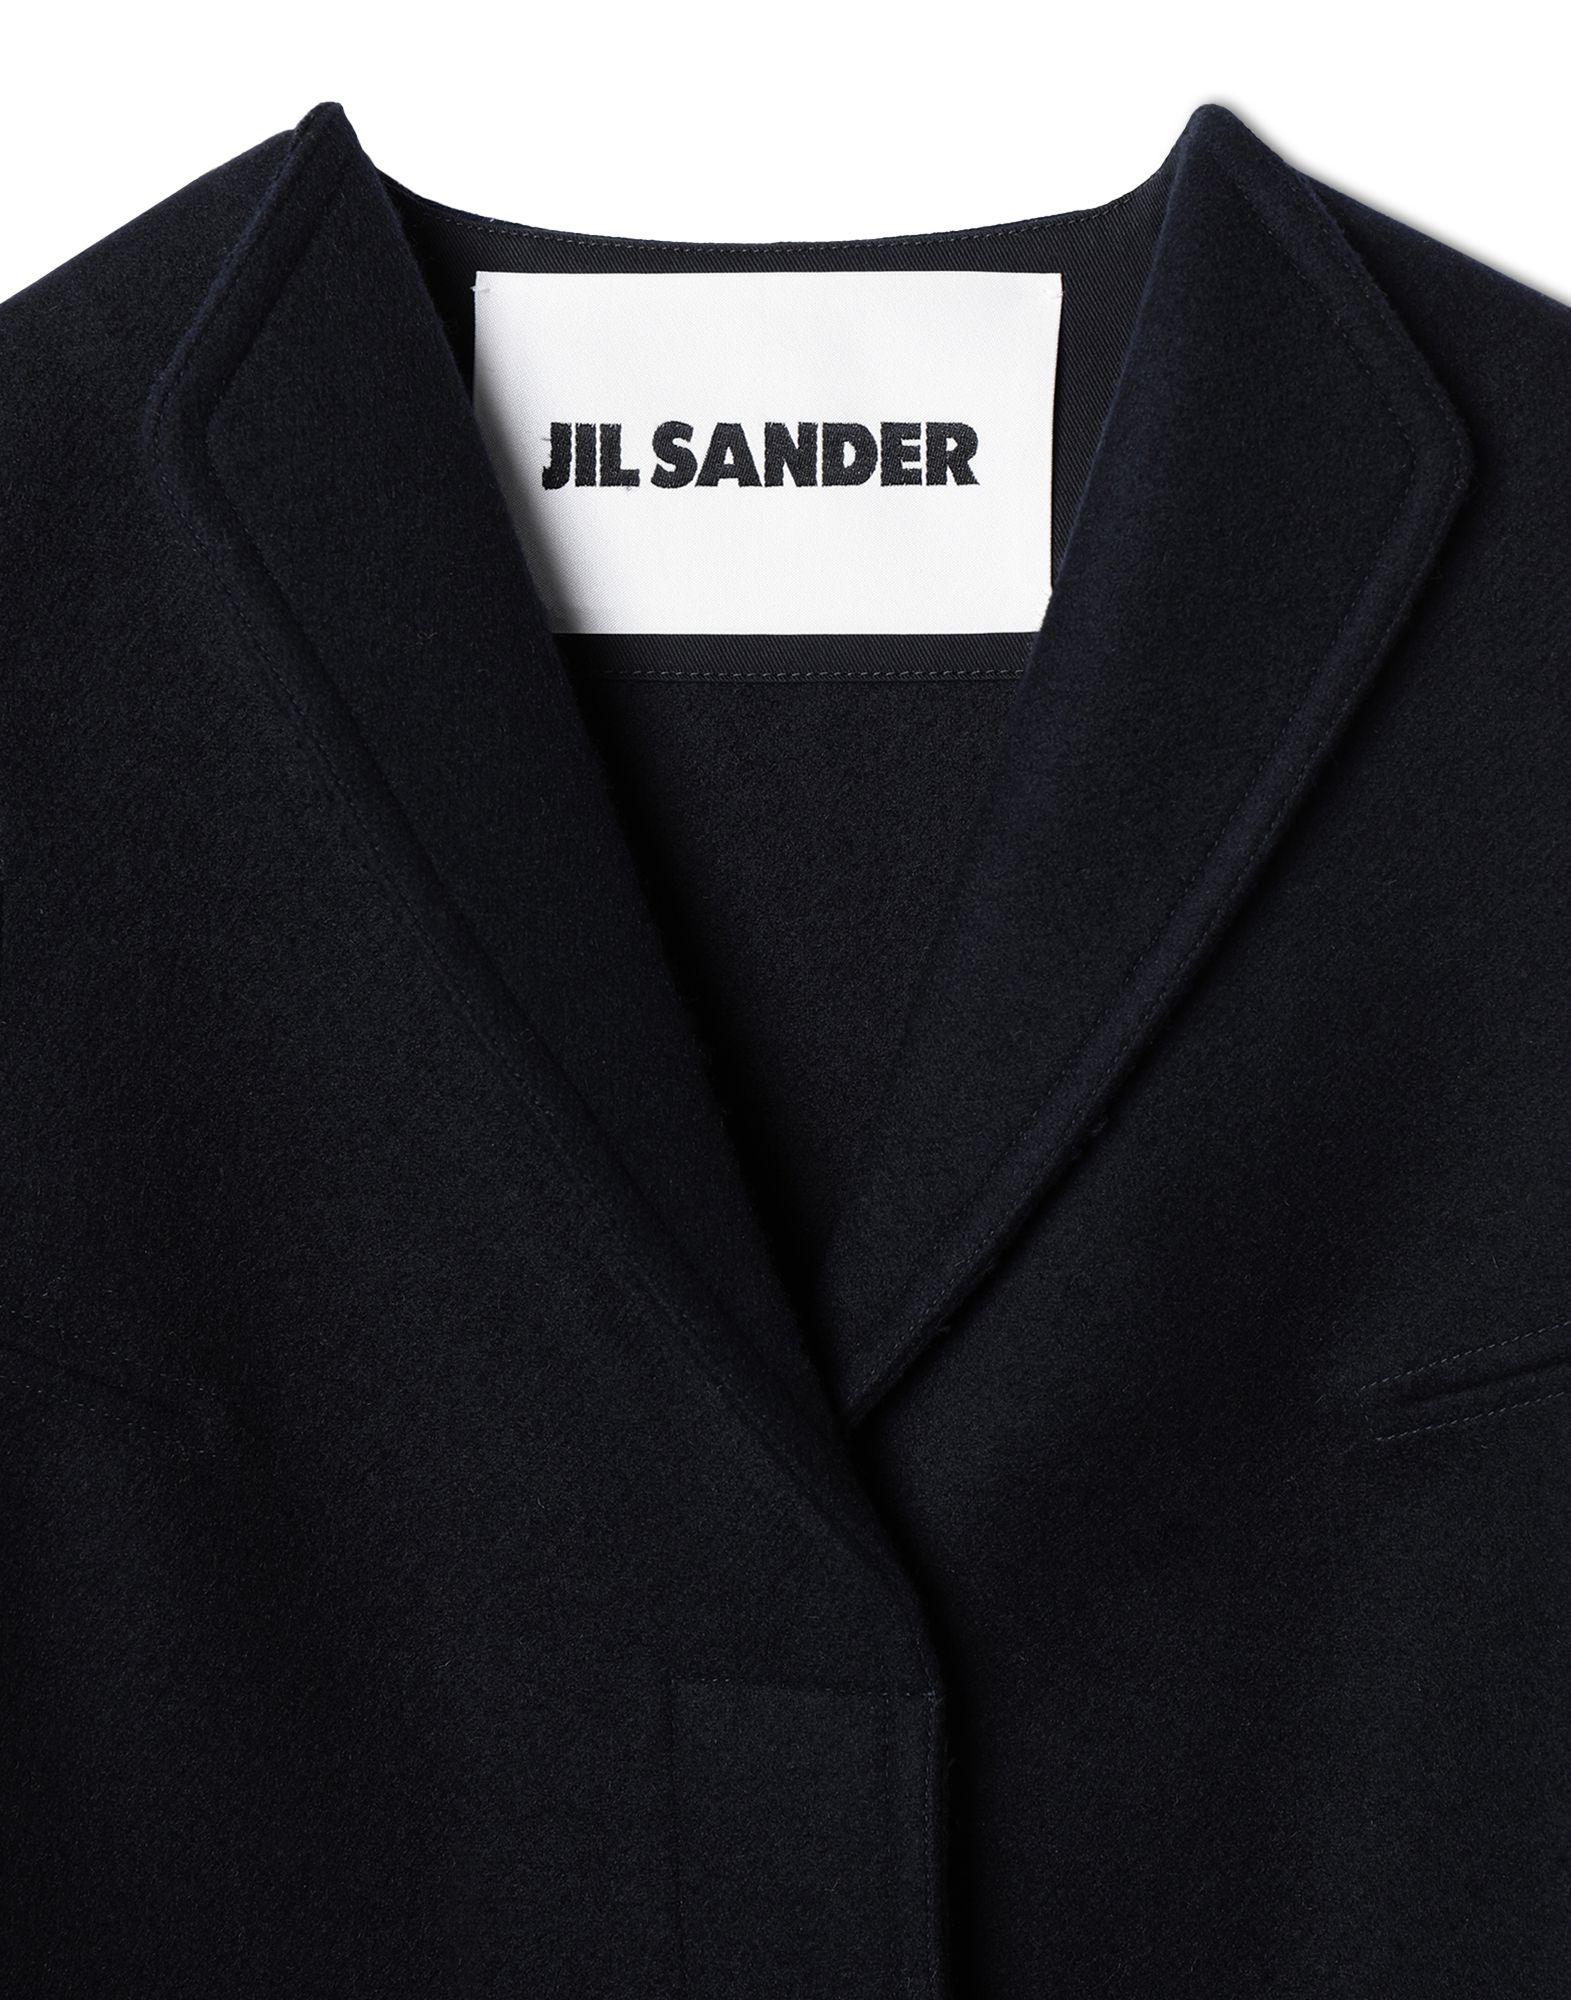 ベスト - JIL SANDER Online Store